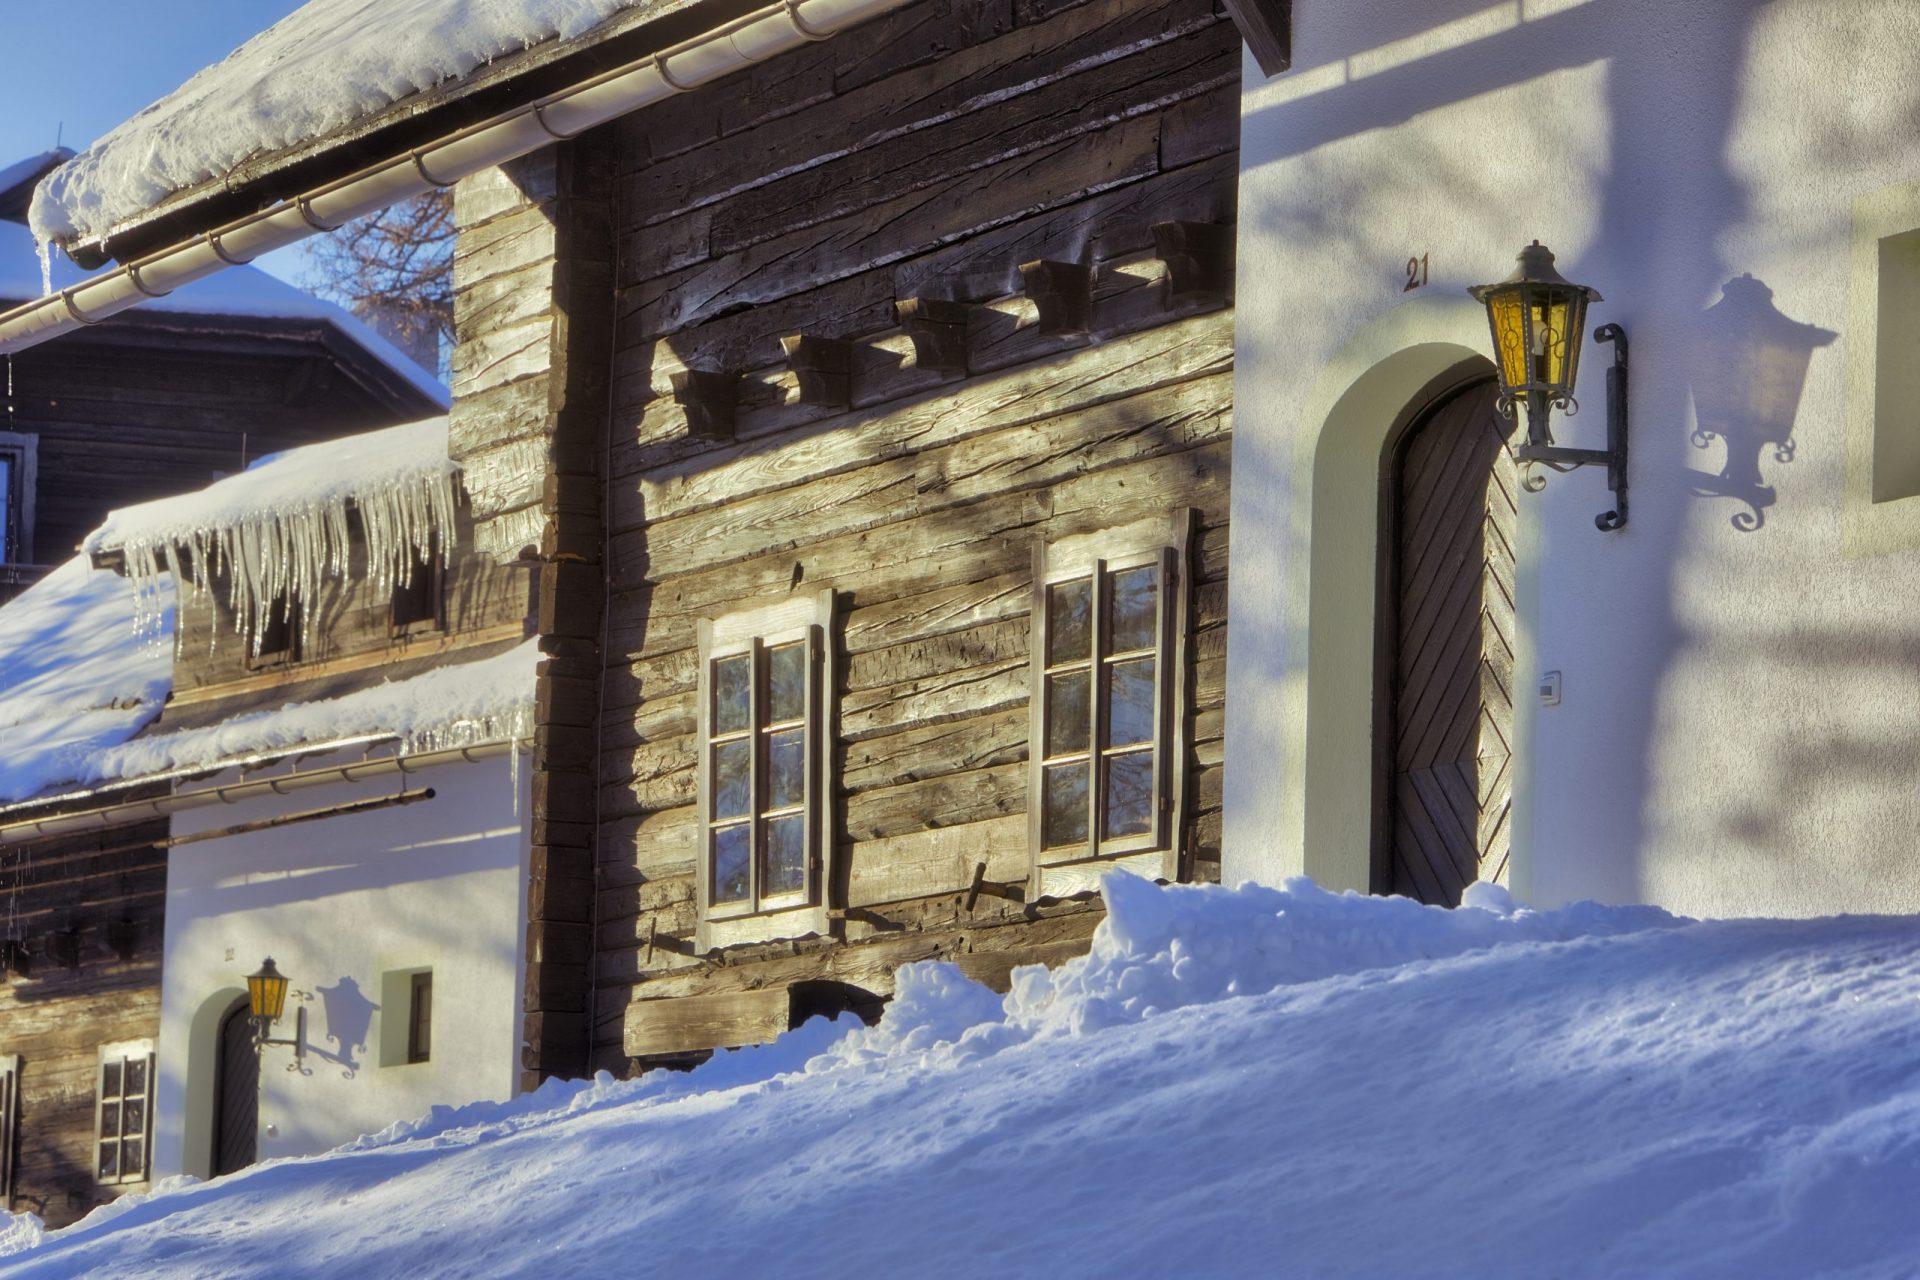 Naturel Dorf Schönleitn - Winteransicht Außen © Jörg Schmöe